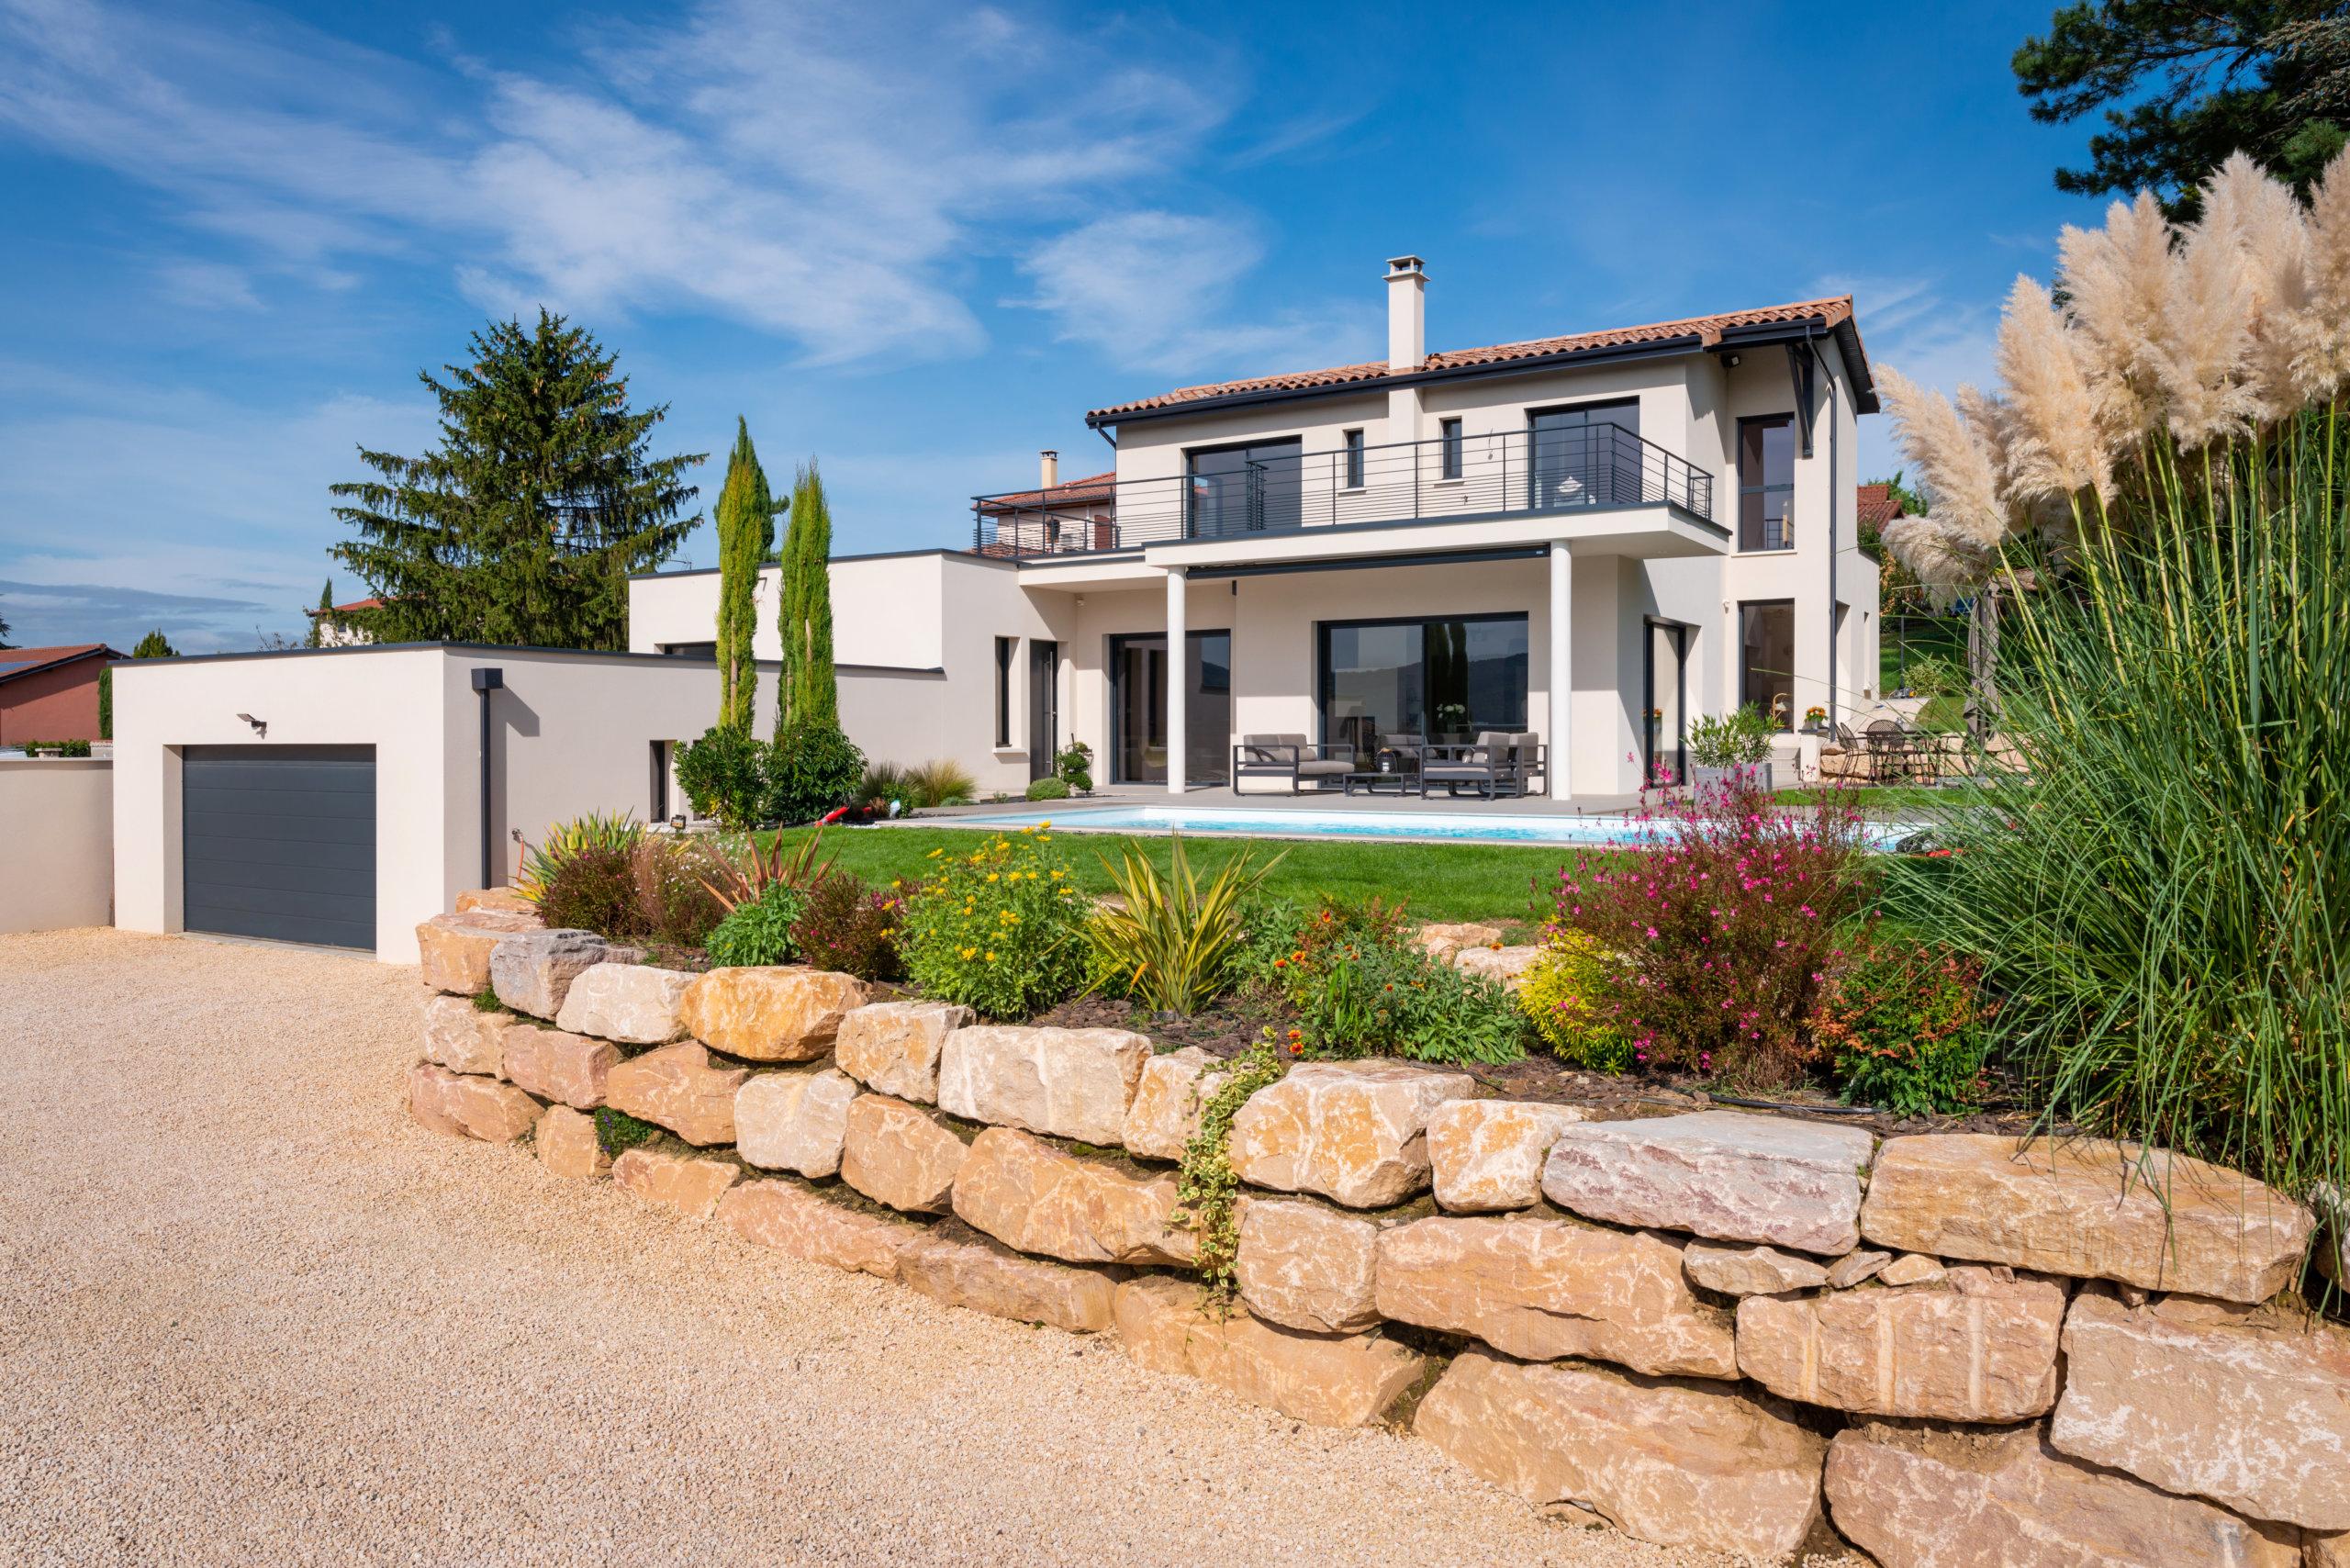 maison-contemporaine-pierre-Lyon